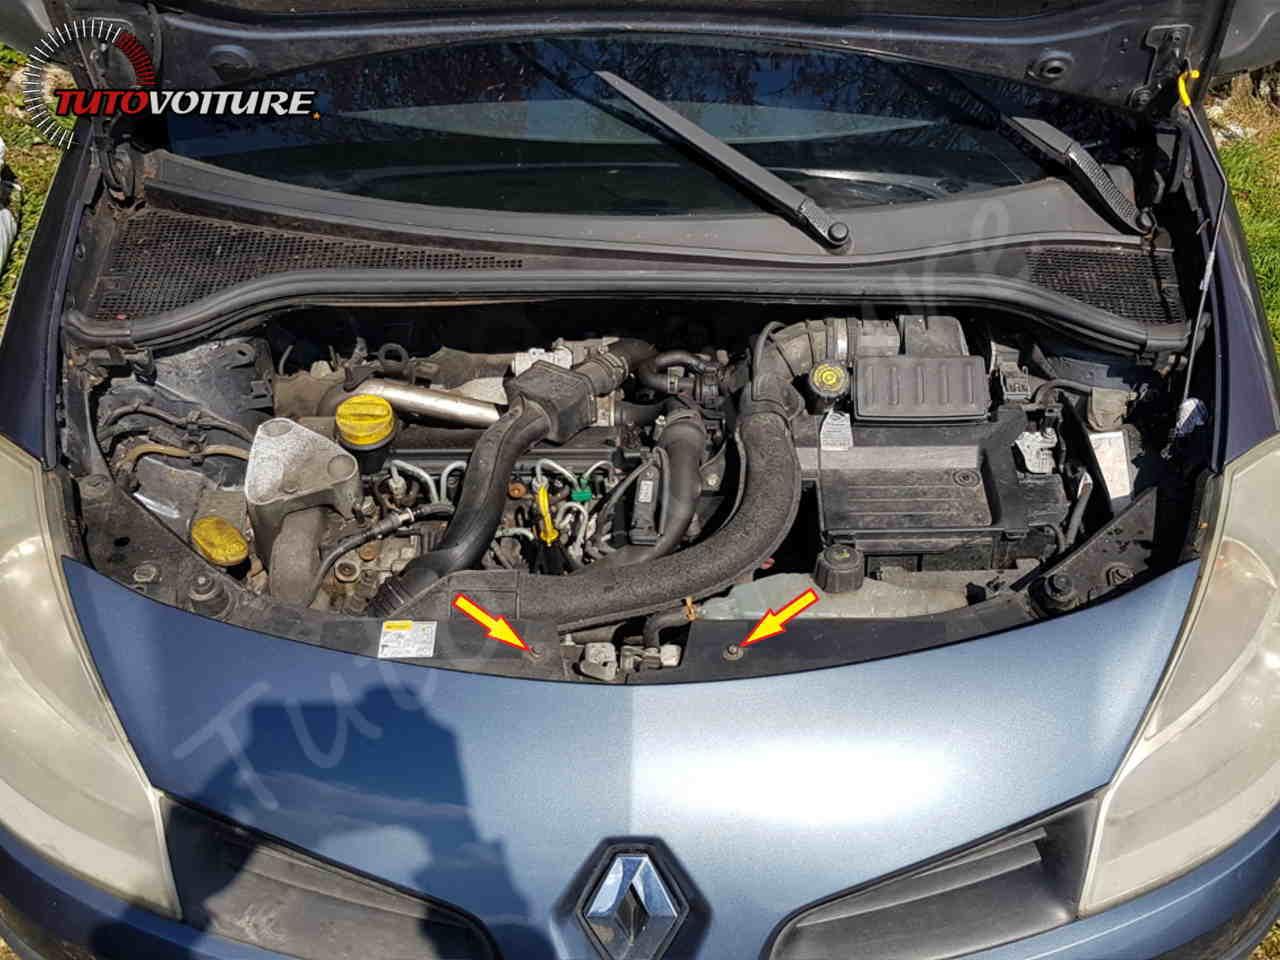 Retirer le pare-chocs avant Renault Clio 3